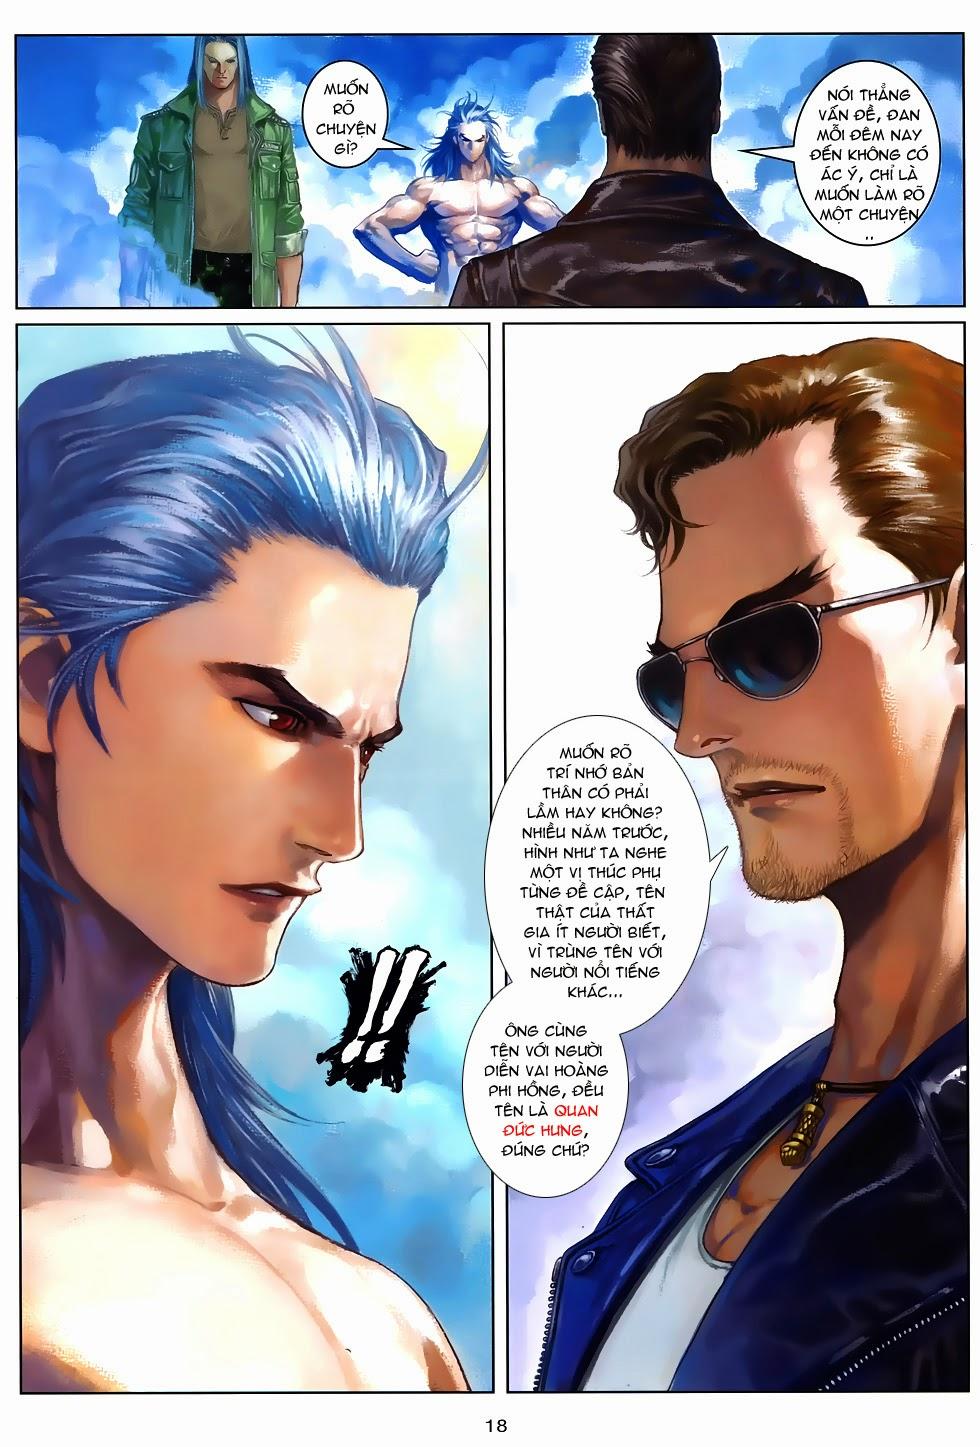 Quyền Đạo chapter 10 trang 17